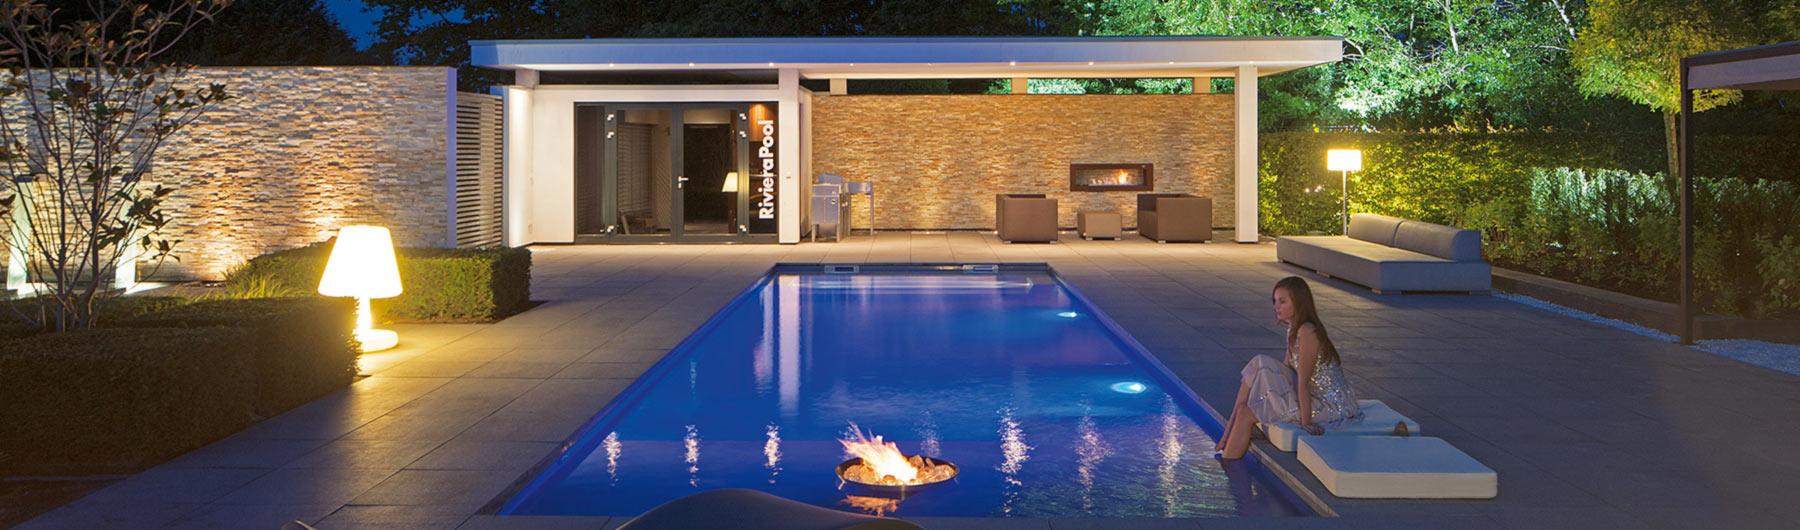 Schwimmbad bauen lassen schwimmbad im garten haus und wohnench portal fa r bauen wohnen haus - Poolbau saarland ...